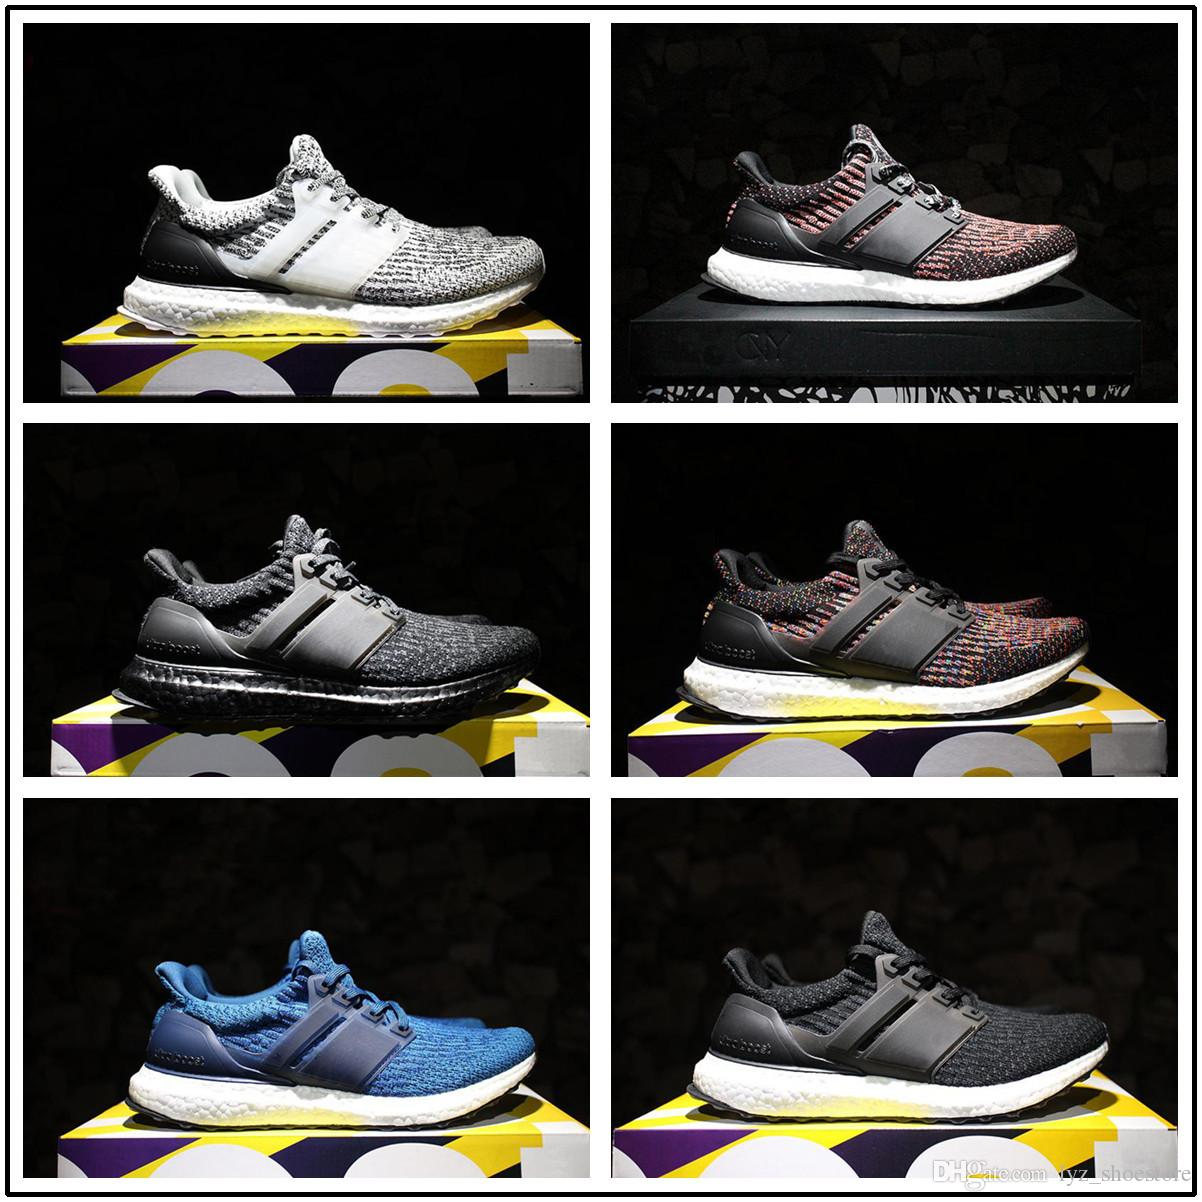 best cheap b80ca aeb4e Compre Adidas Ultra Boost 3.0 2017 Ultra Boost 3.0 4.0 Hombres Mujeres  Zapatillas Zapatillas Triple Negro Blanco Cny Oreo Azul Ultraboost  Primeknit Zapatos ...